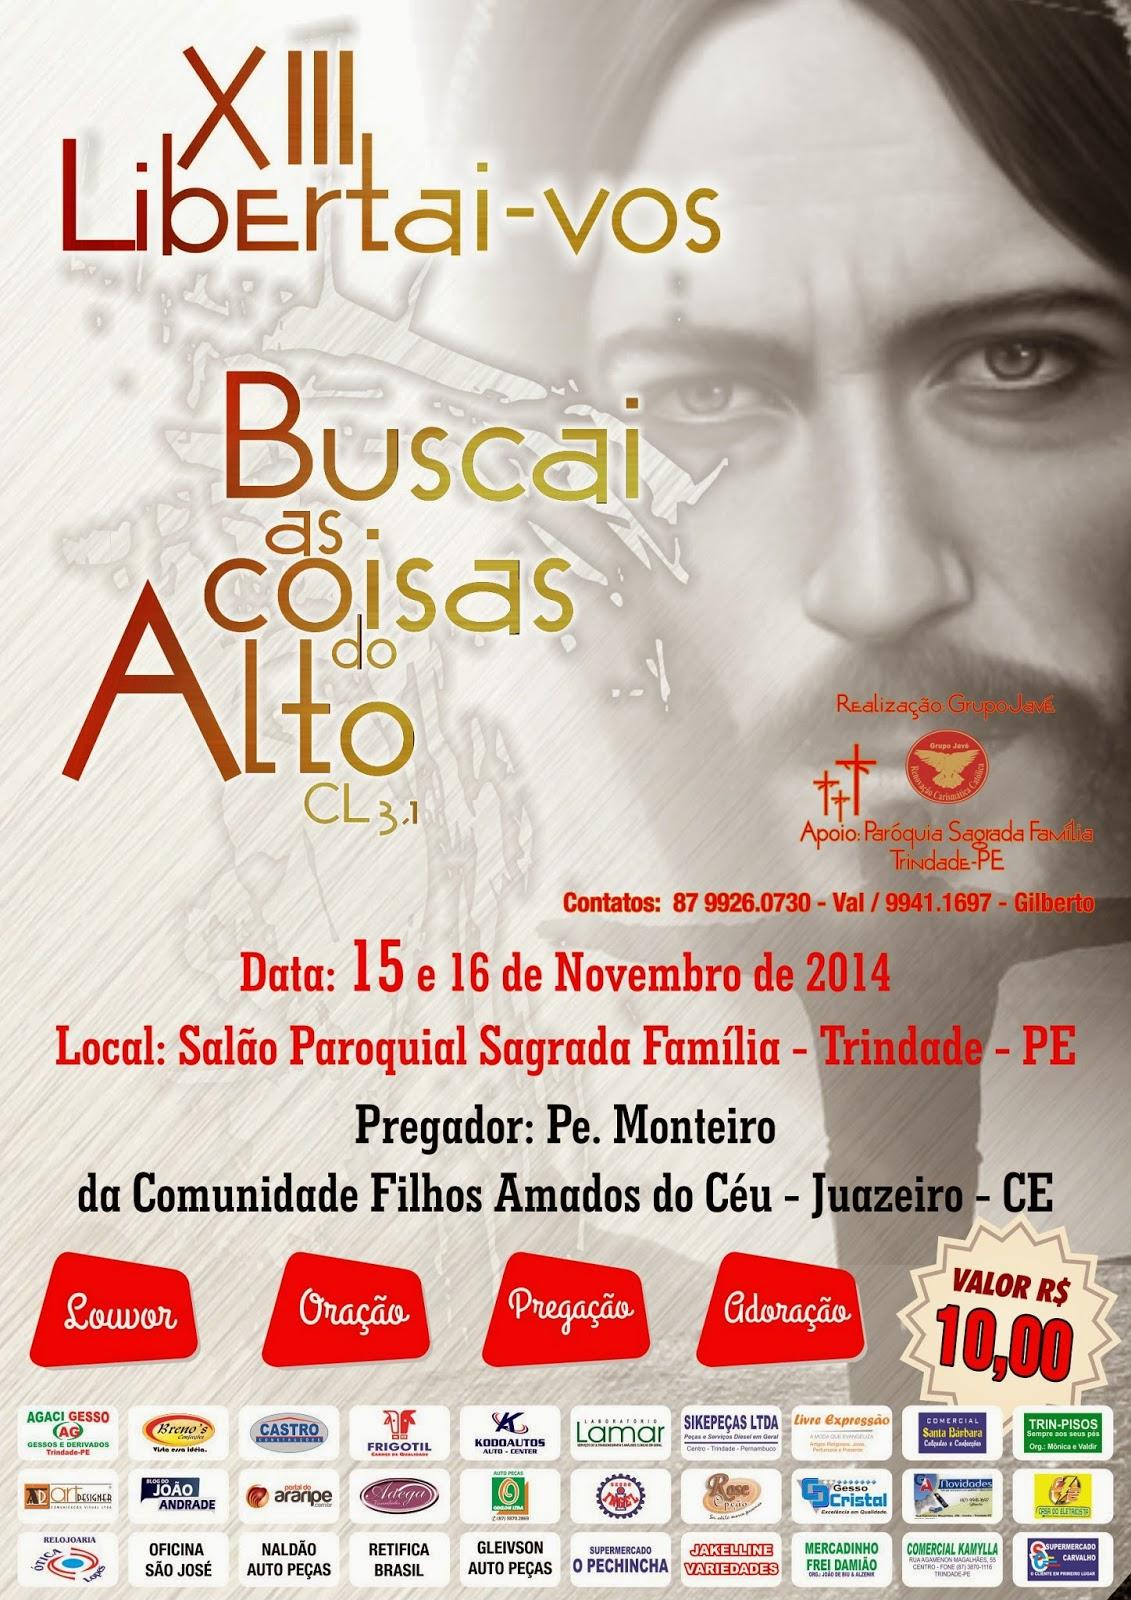 XIII - Libertai-vos nos dias 15 e 16 de novembro de 2014